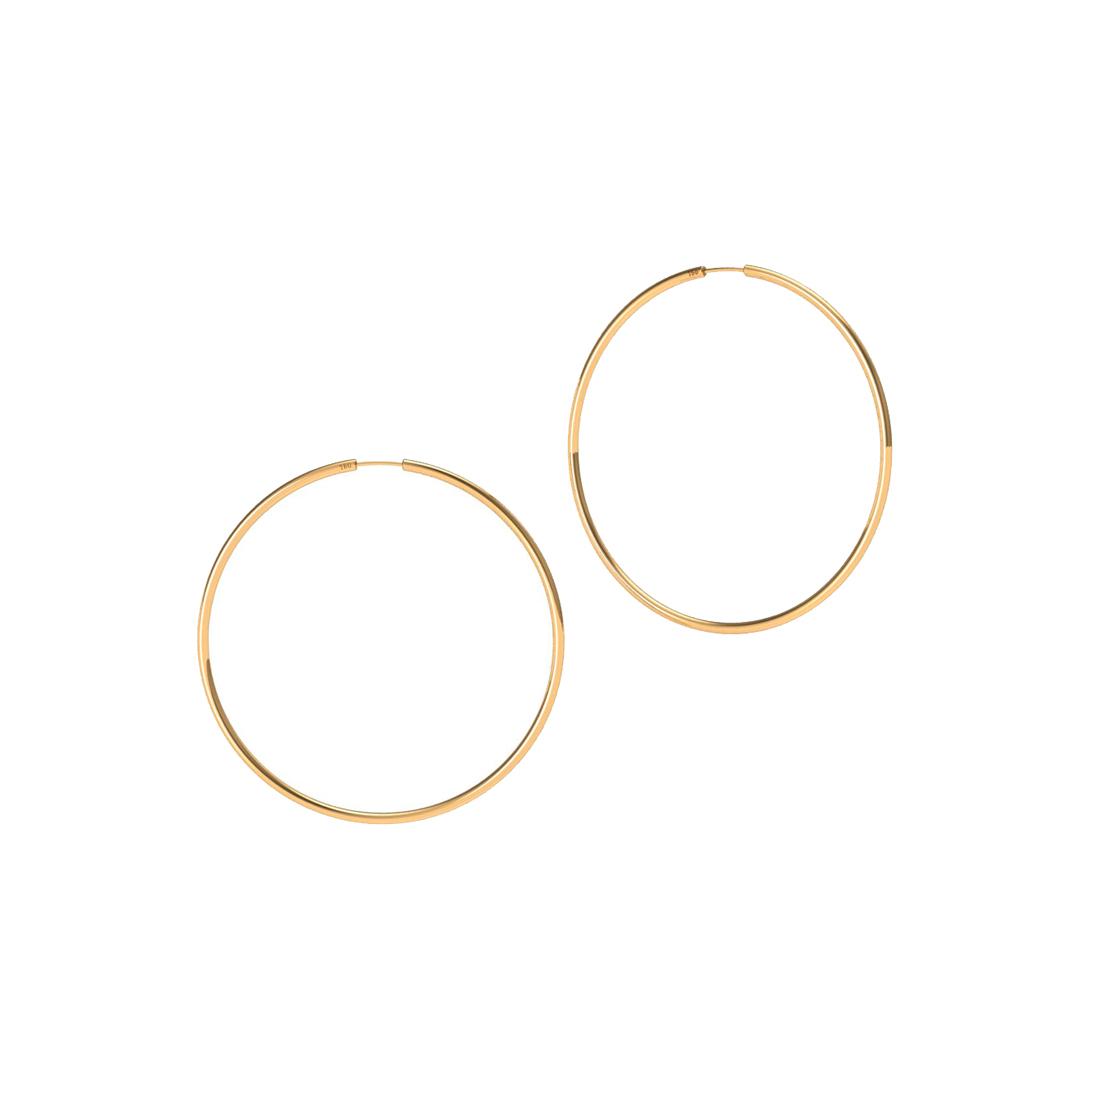 Brinco Argola 17 Milímetros Fio Redondo Unissex Ouro 18K K075 25150